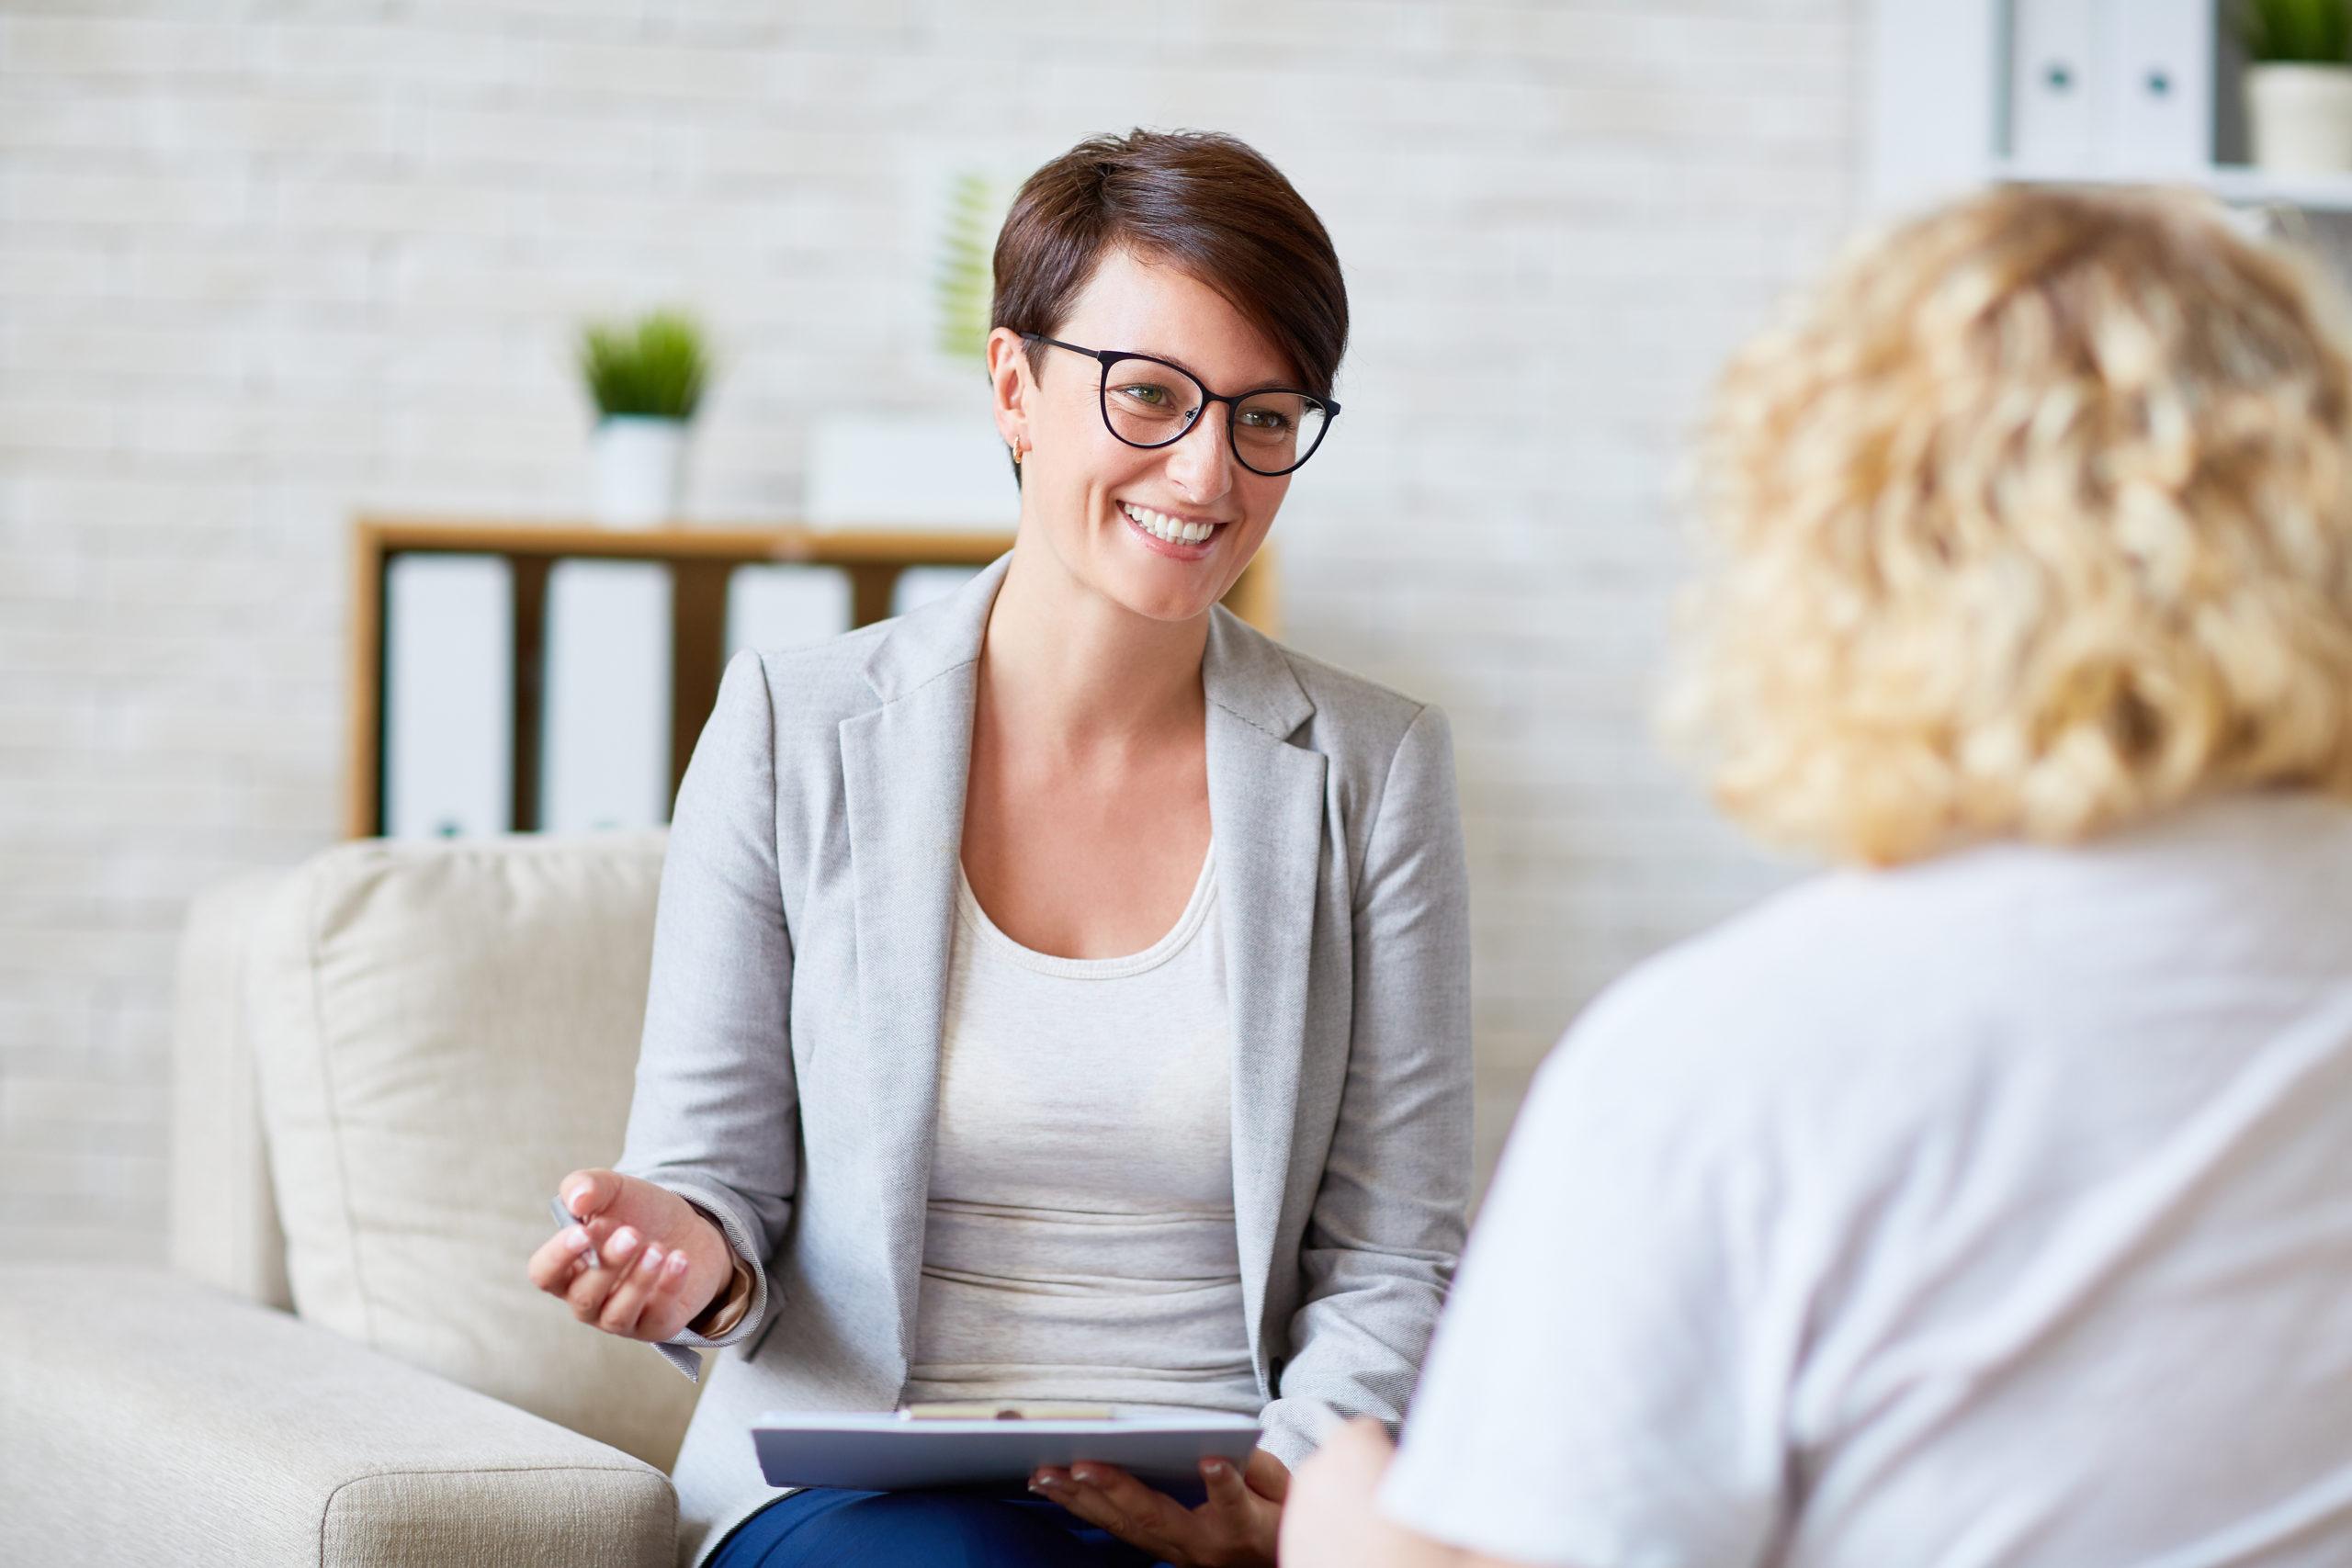 crescita personale counseling si basano sull'ascolto attivo e sull'empatia